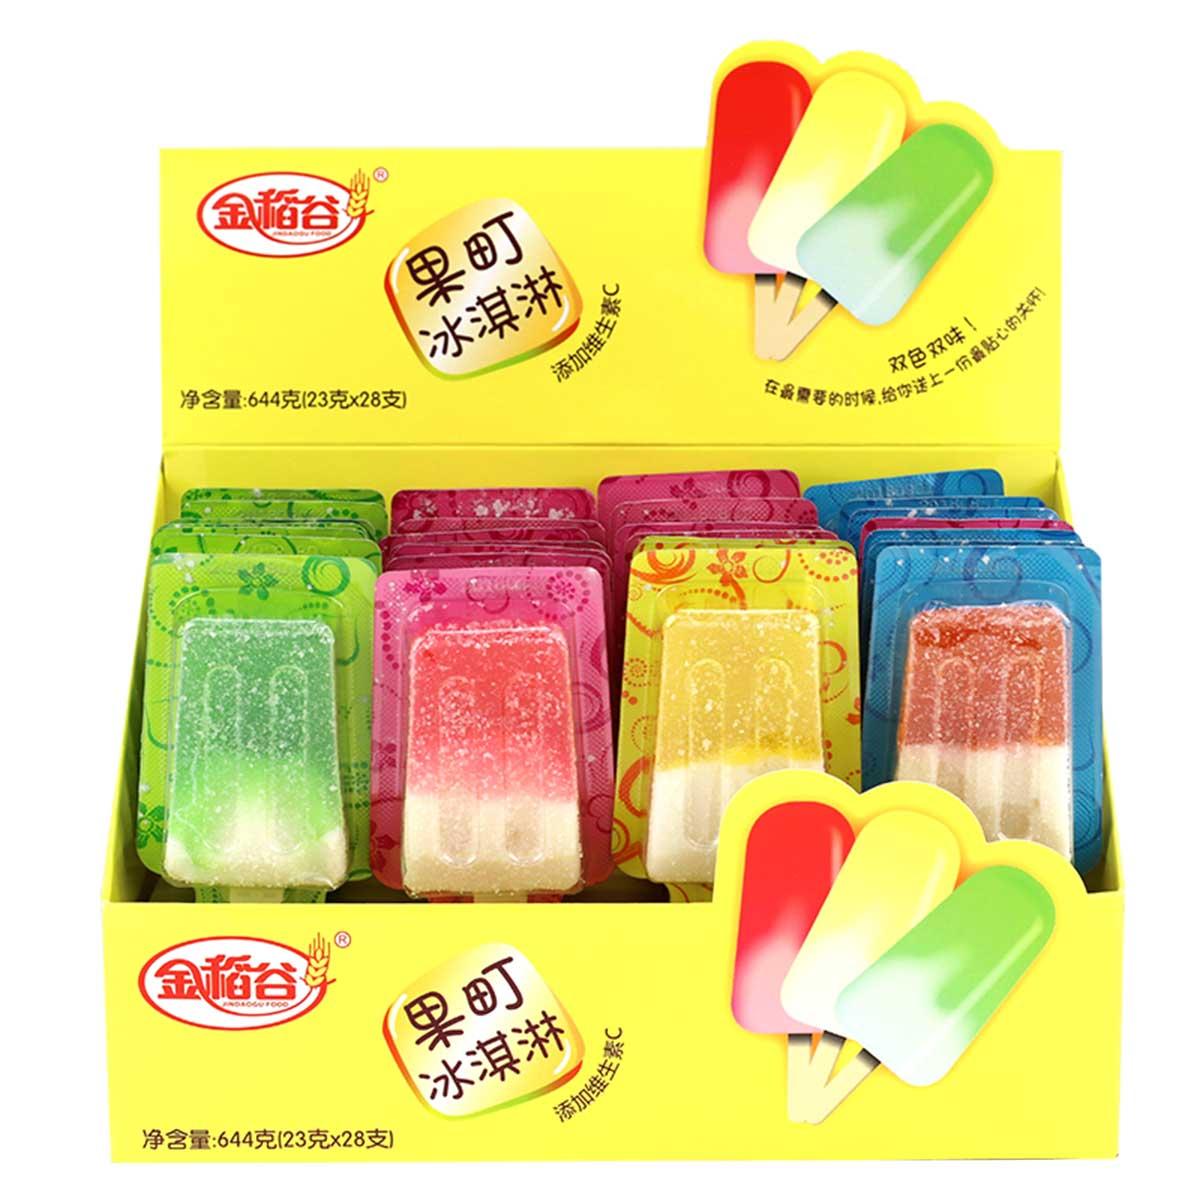 金稻谷糖果棒棒糖28支维C果汁软糖雪糕水果味儿童年货休闲零食644gCOLOR28支维C软糖-年货糖果